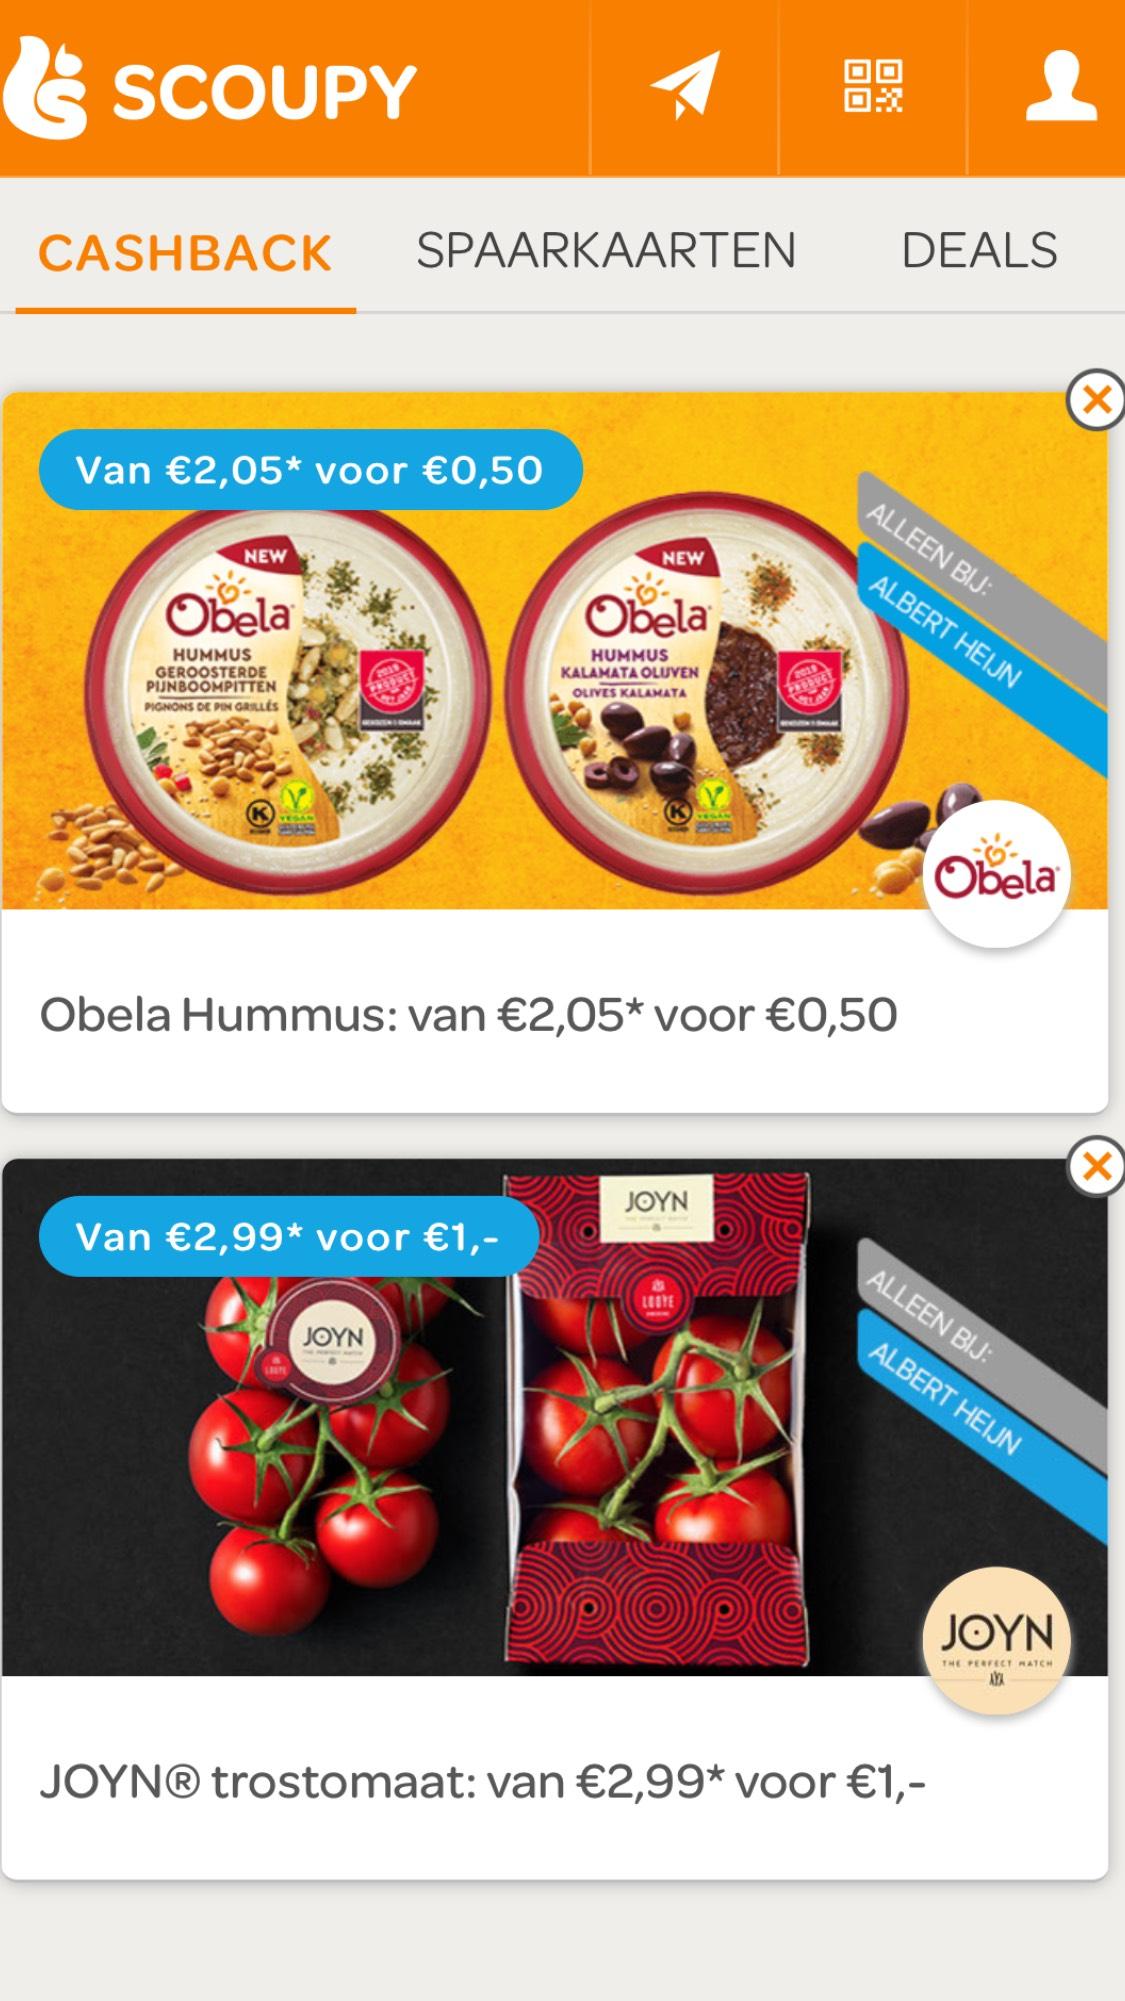 Obela Hummus voor €0,50 en JOYN® trostomaat voor €1,-